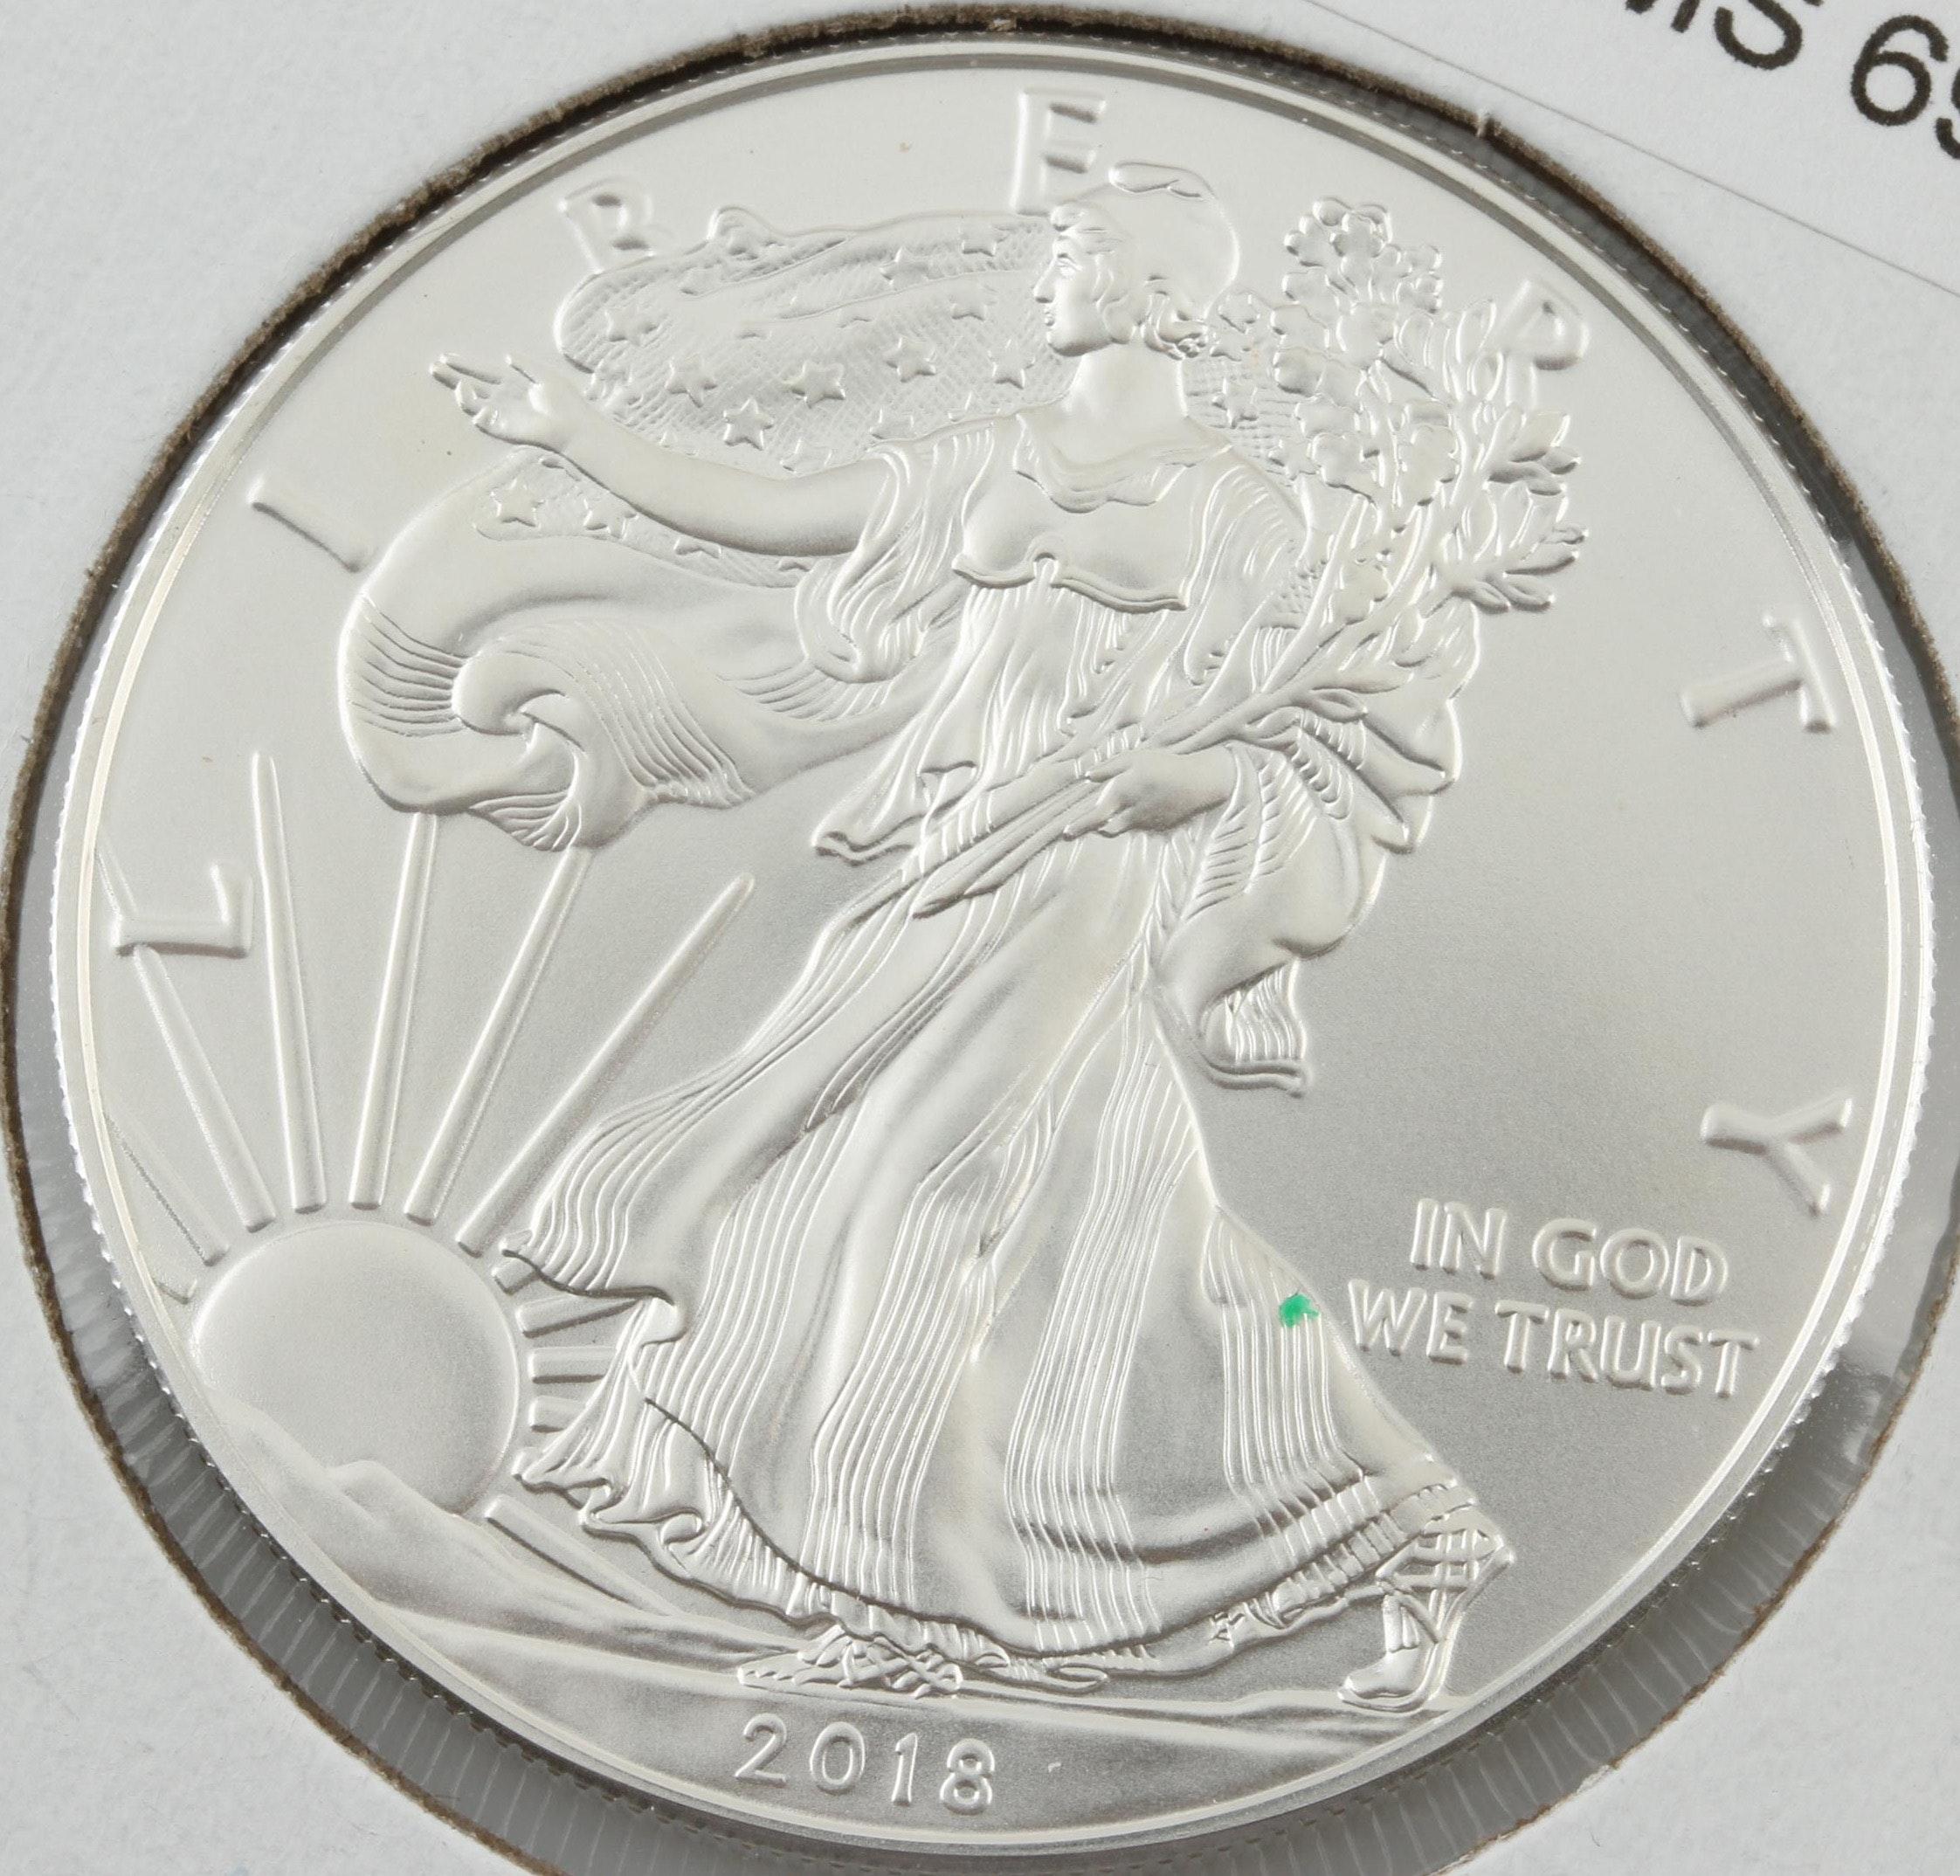 2018 One Dollar U.S. Silver Eagle